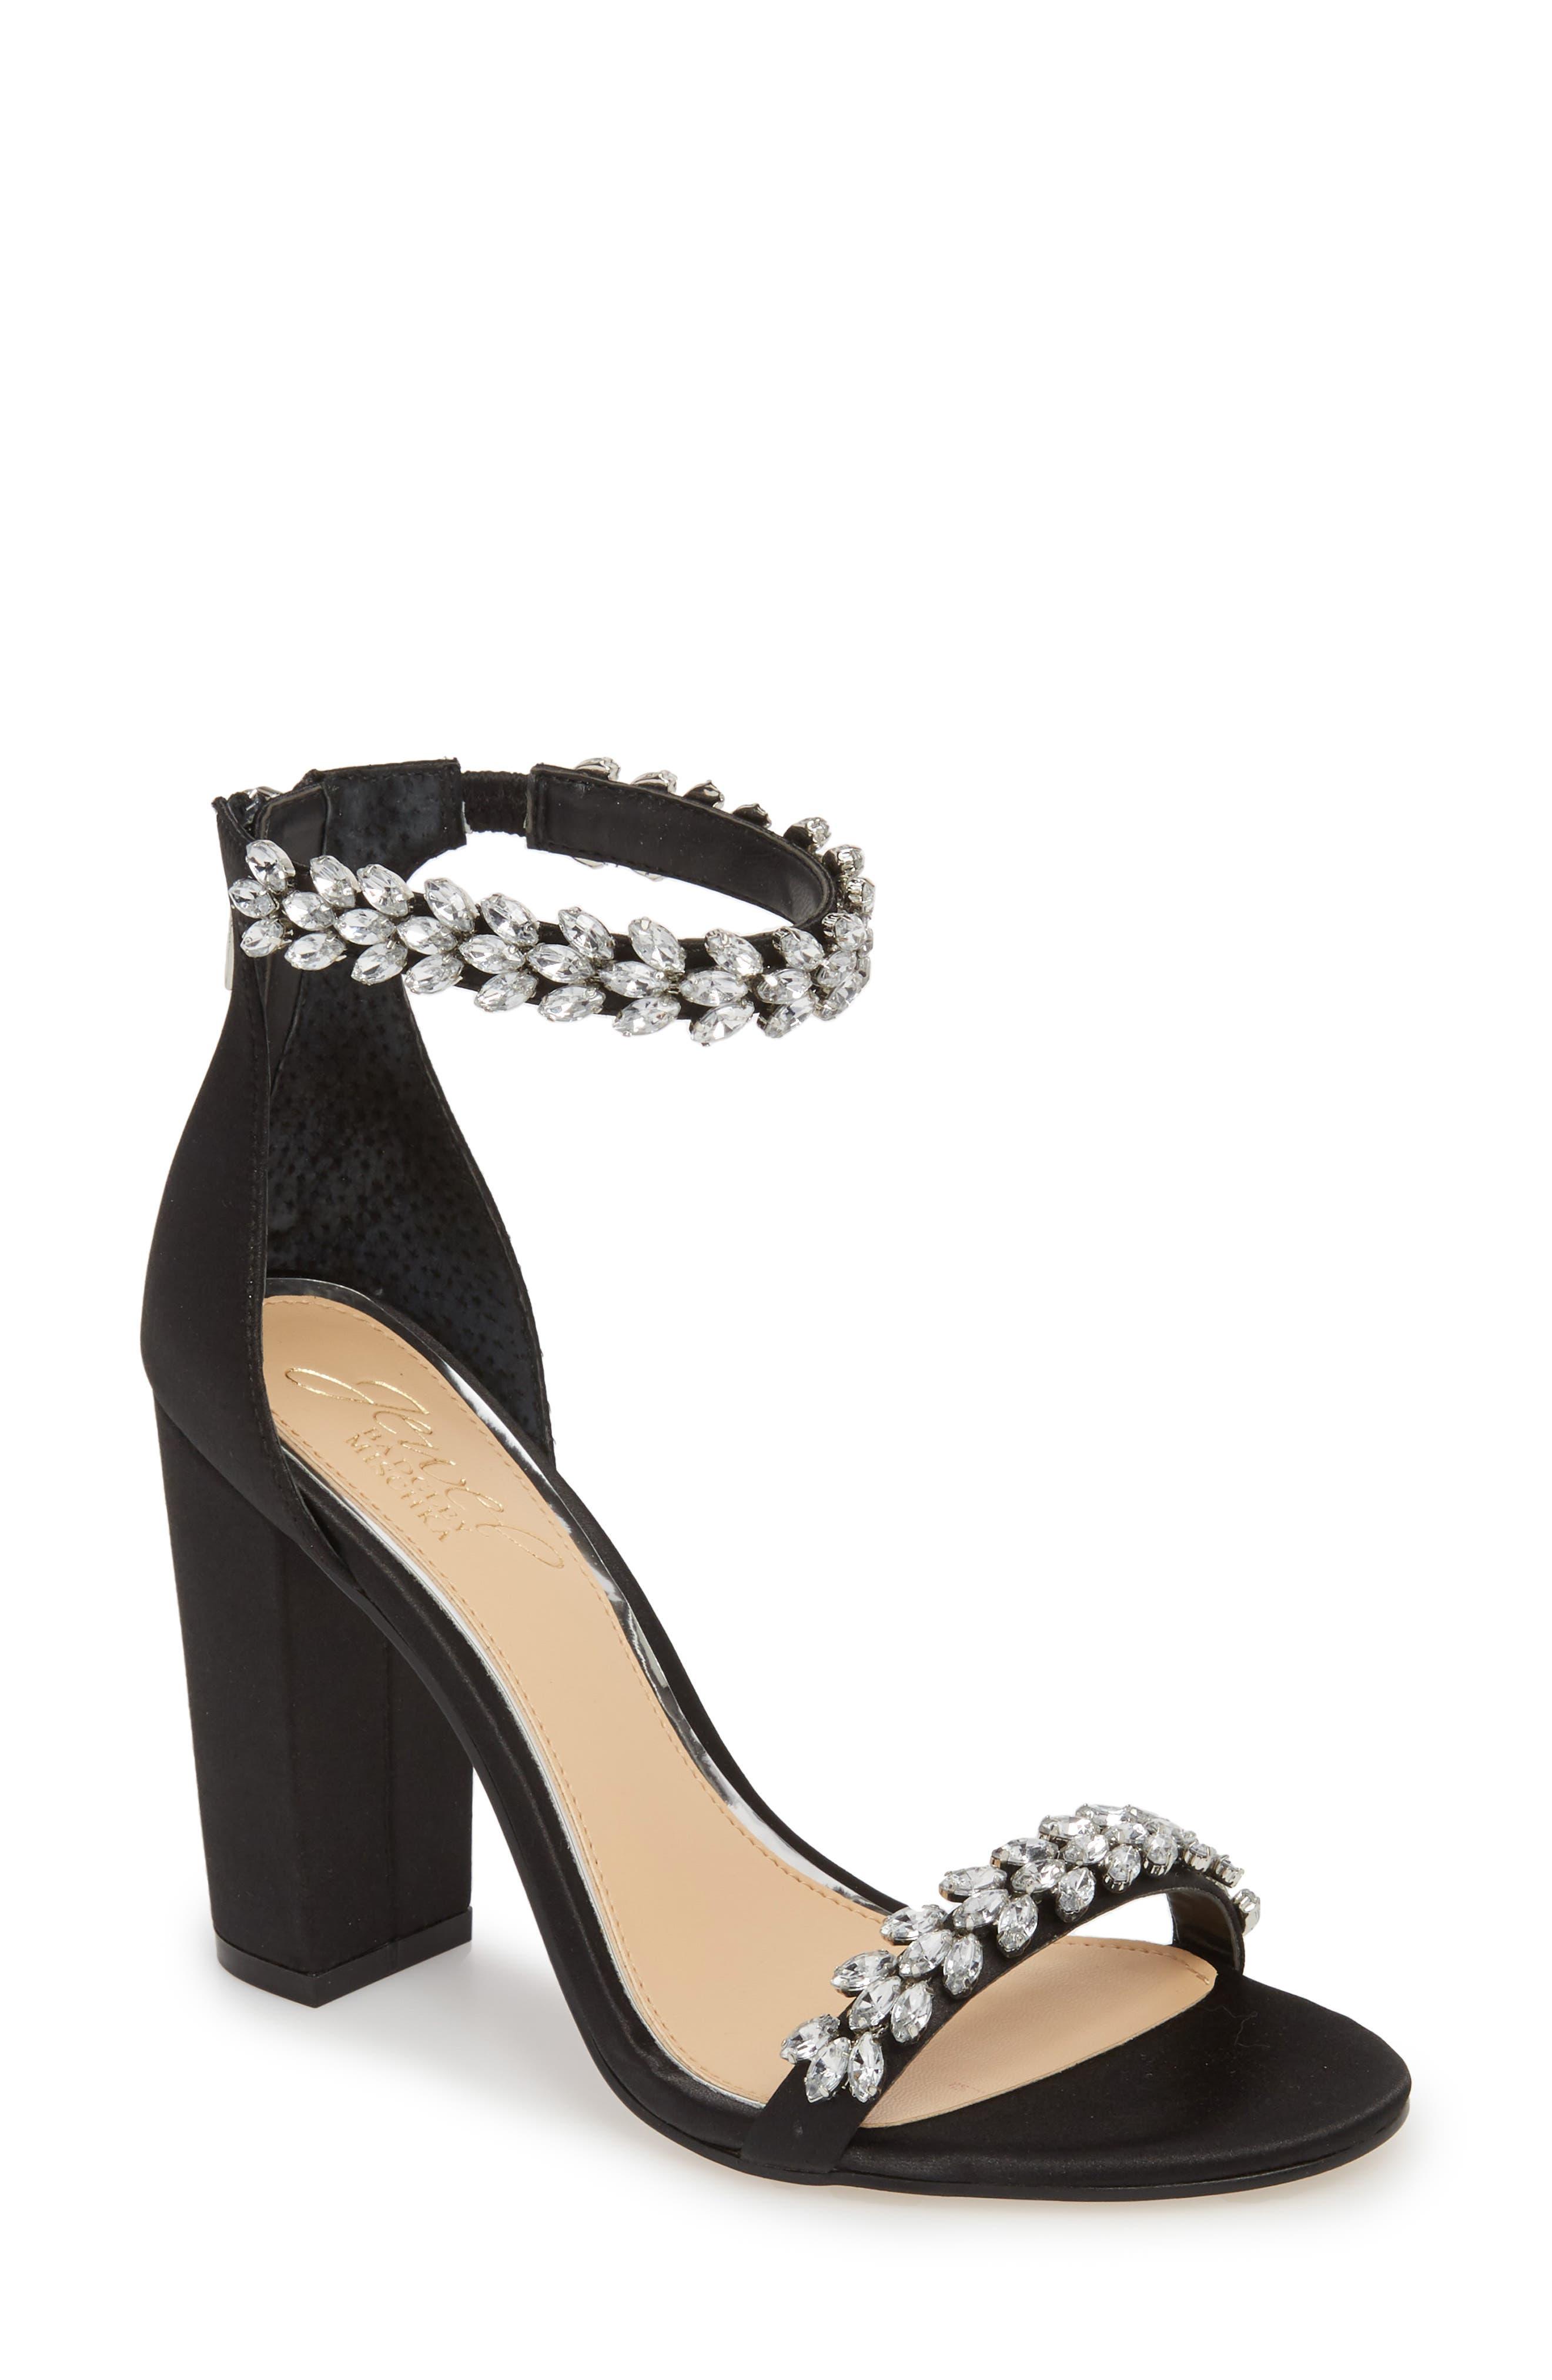 Jewel by Badgley Mischka Mayra Embellished Ankle Strap Sandal,                         Main,                         color, BLACK SATIN